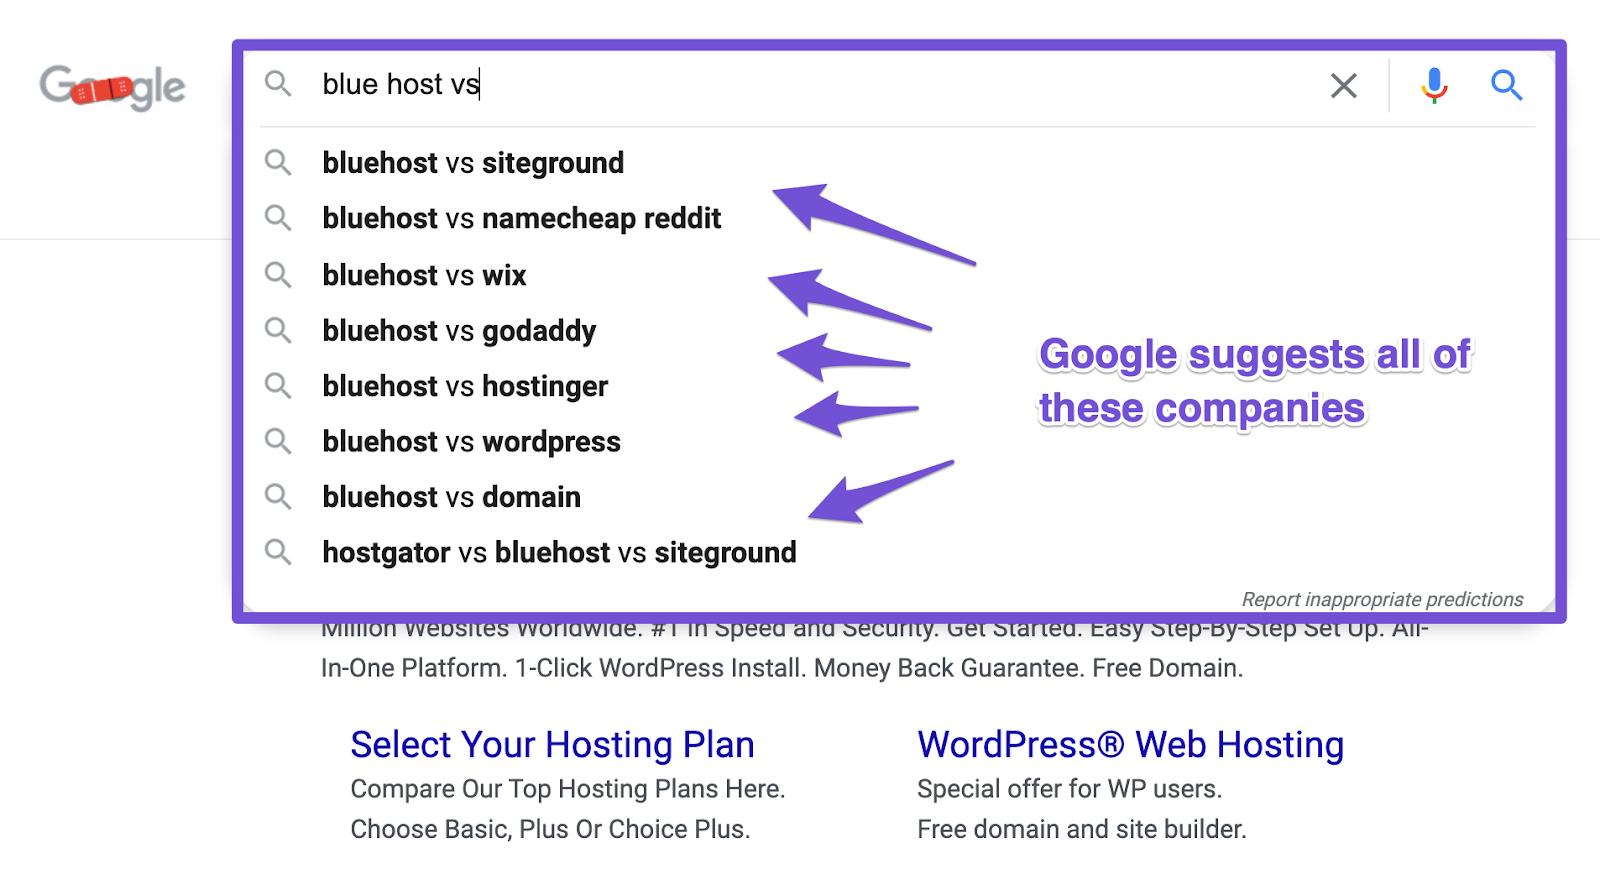 google autosuggest for term blue host vs